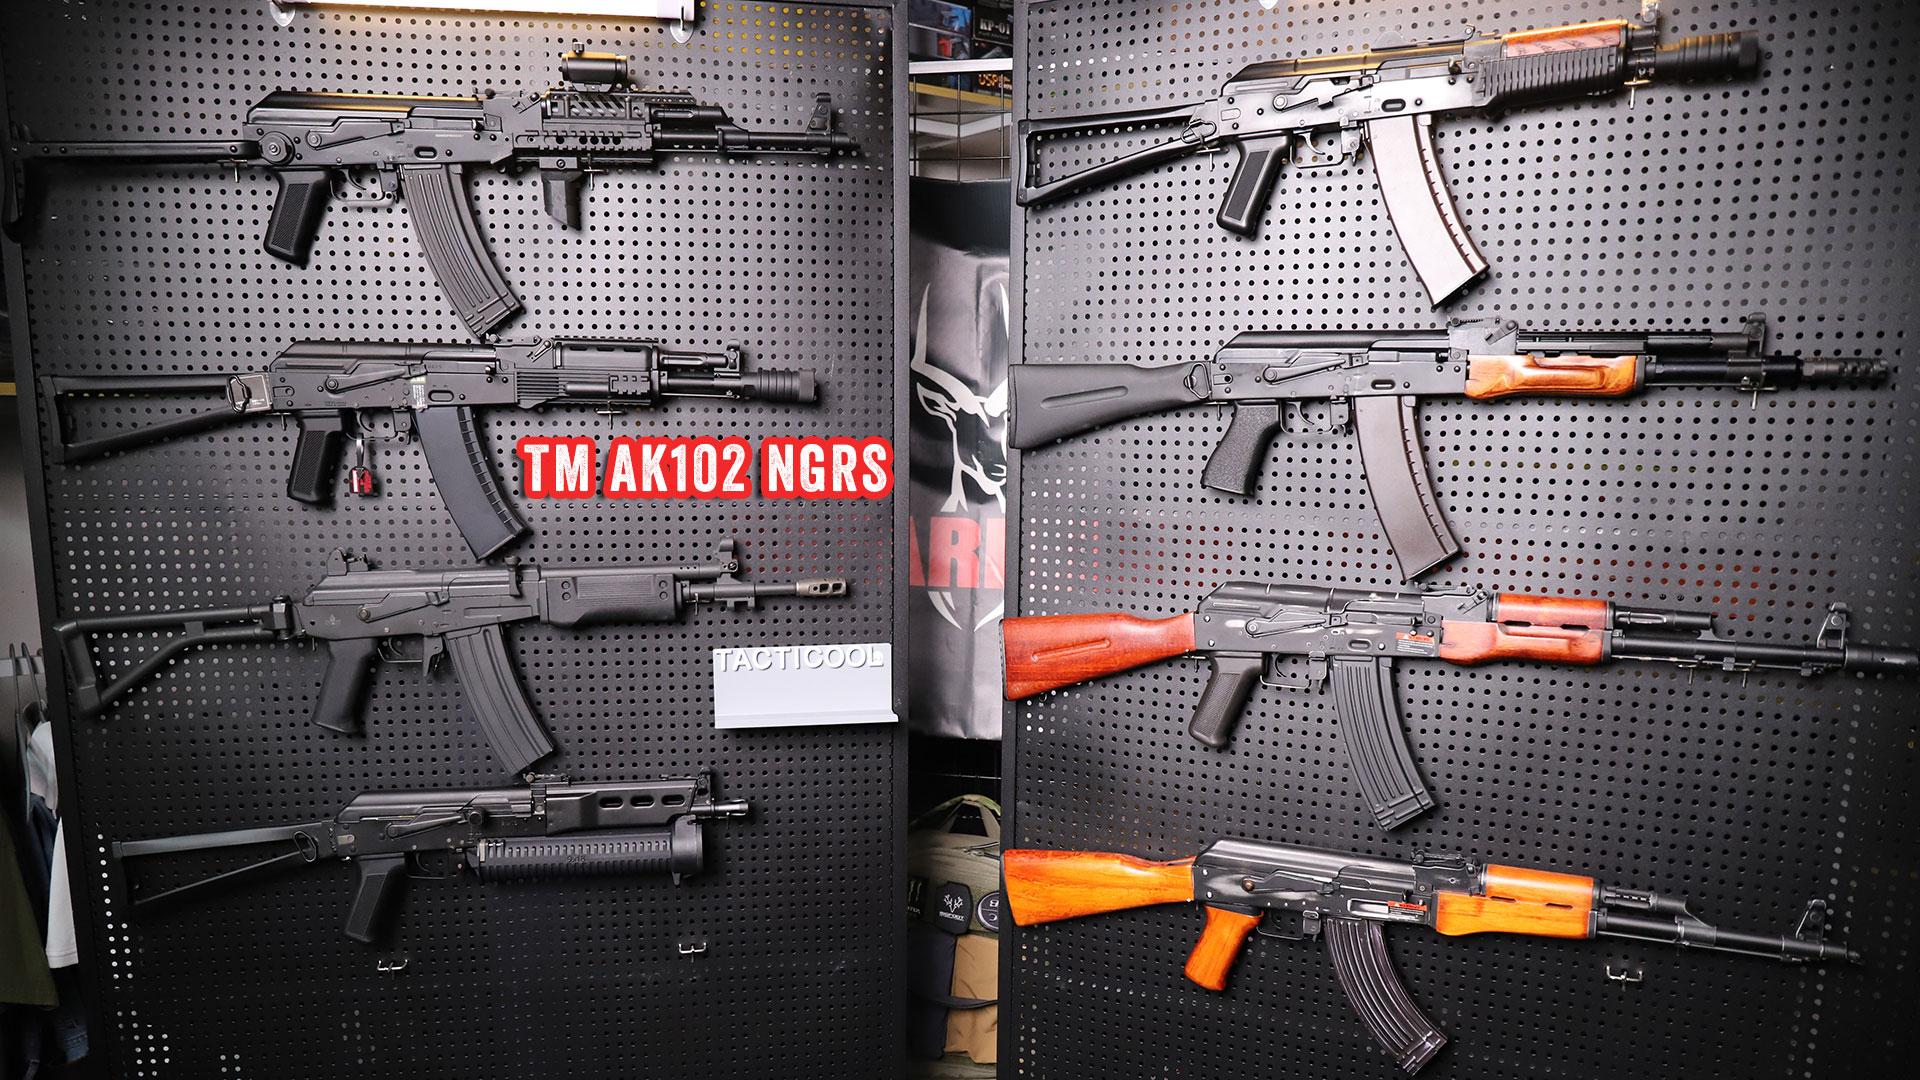 [海外Airsoft] Tokyo Marui 次世代 AK102 NGRS 开箱 [合法枪玩]